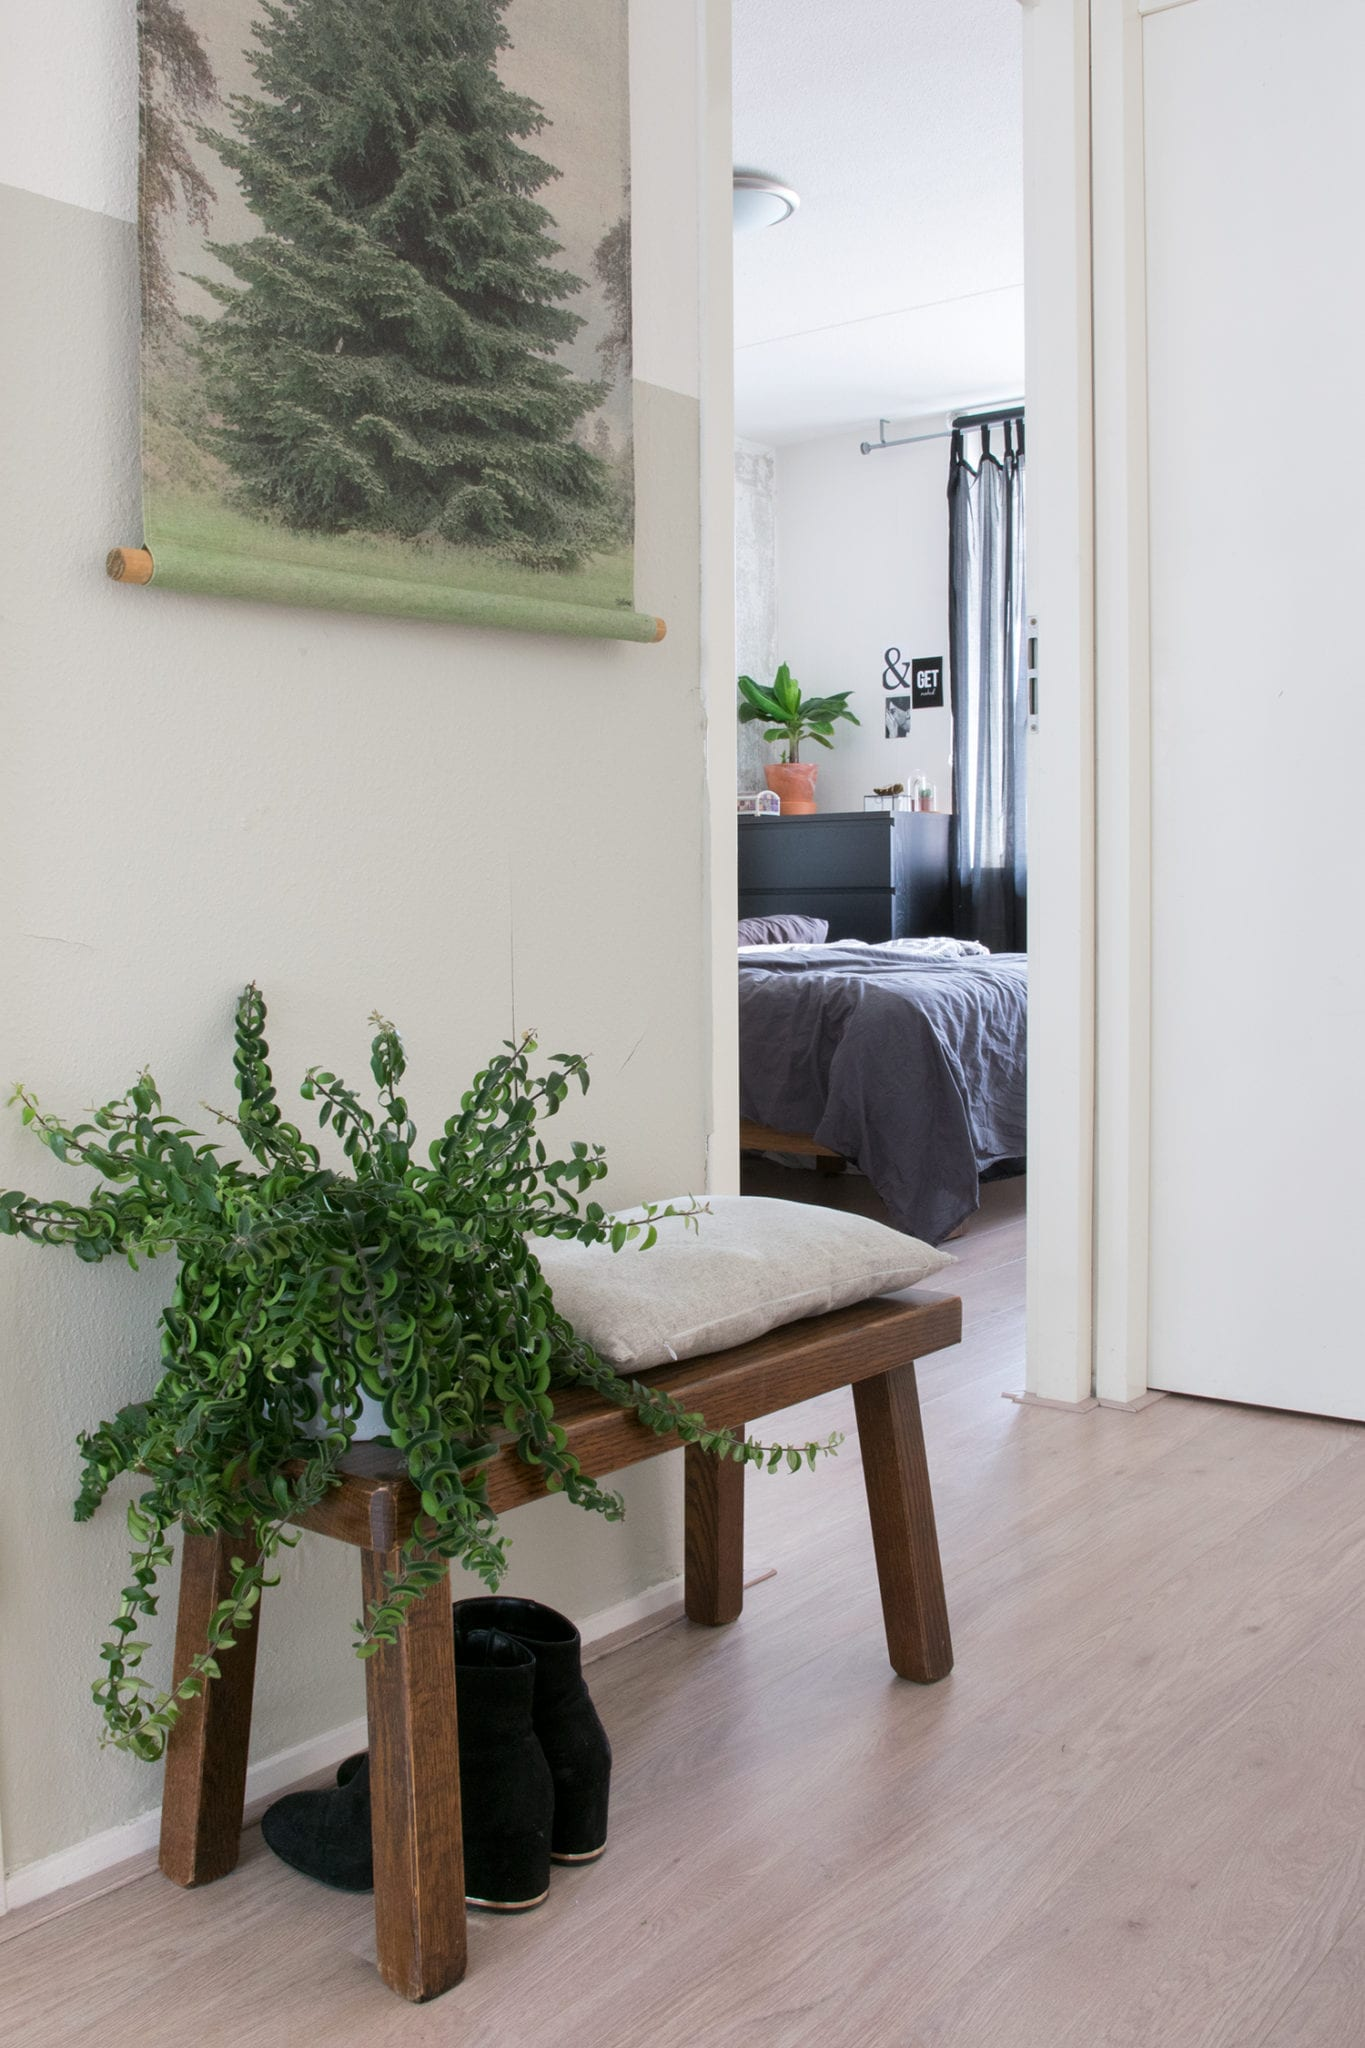 Binnenkijken bij Hilgré doorkijkje naar de slaapkamer